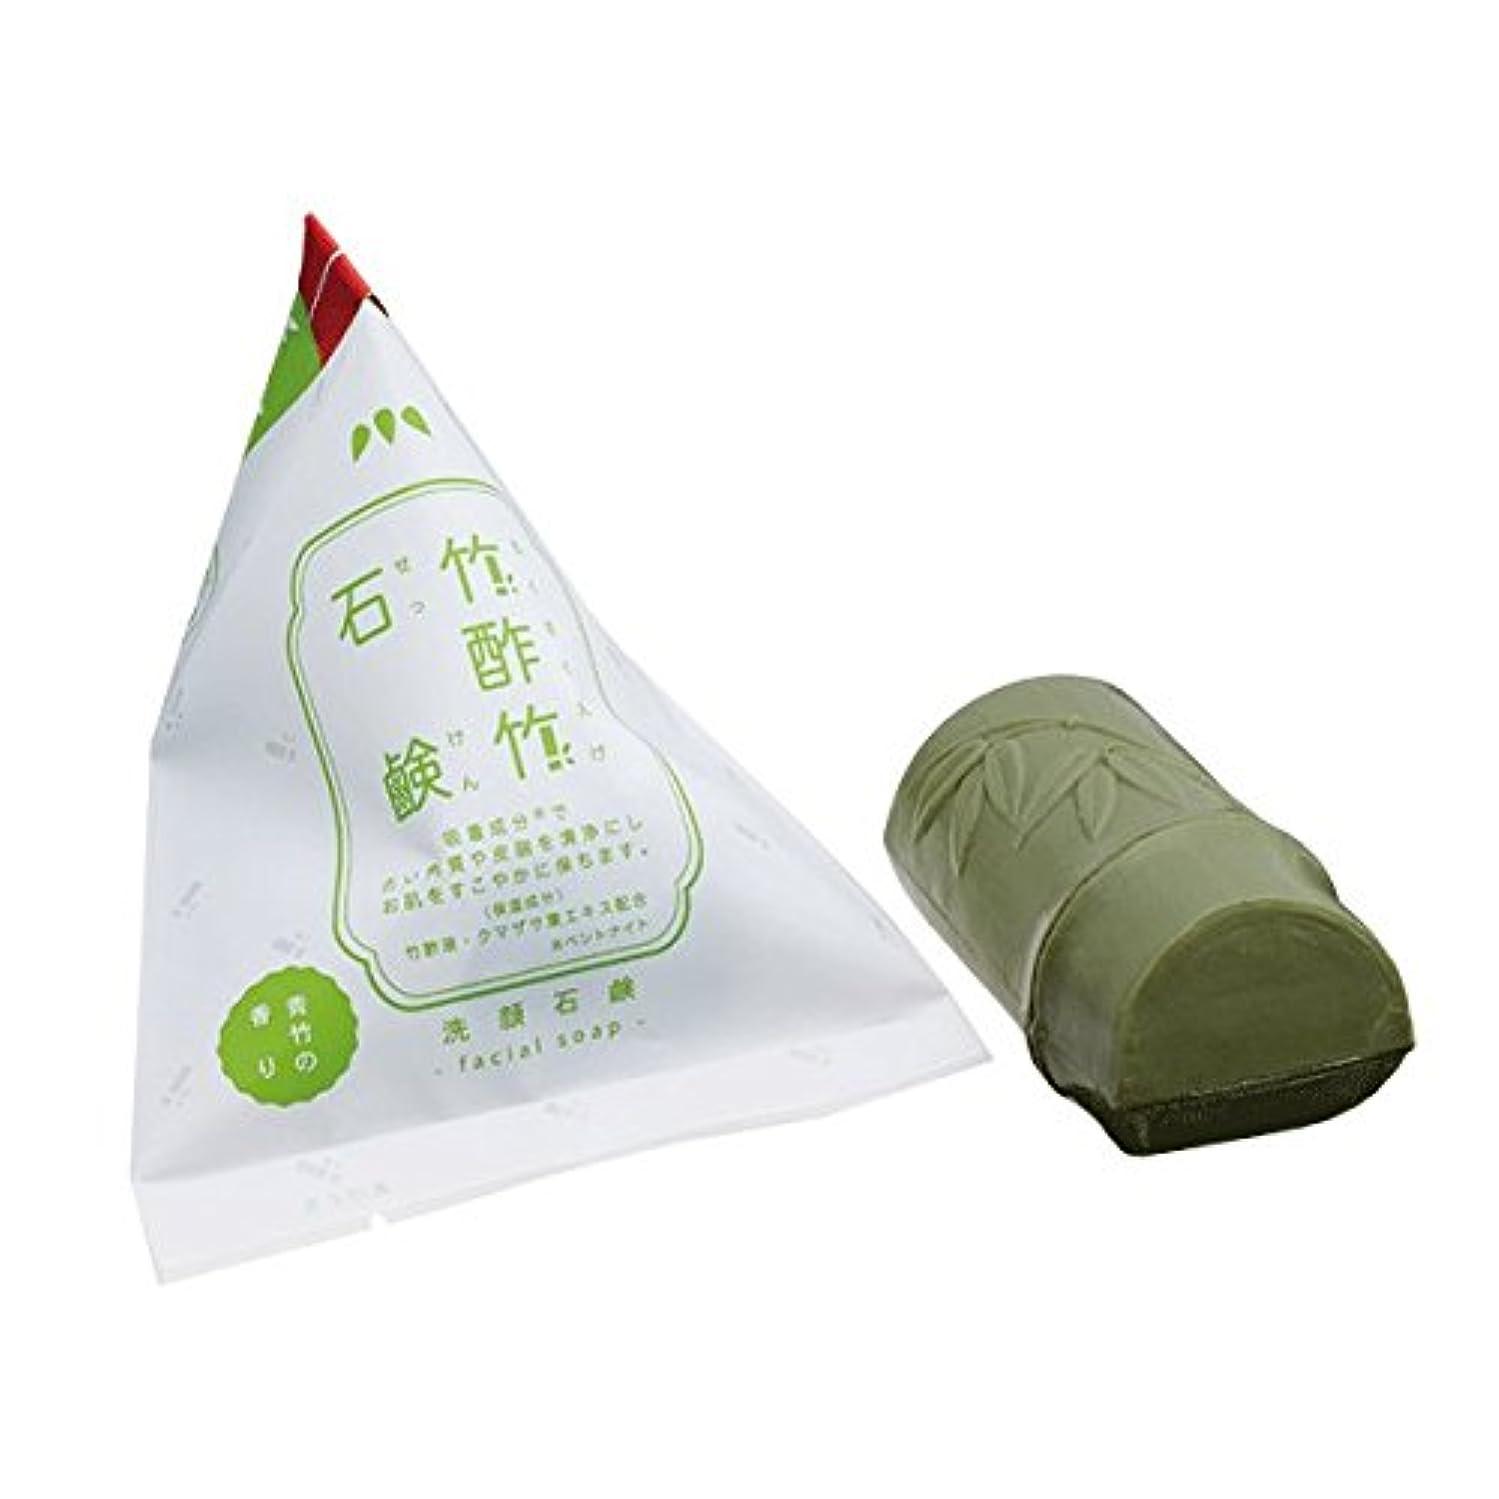 そこからサポートフィットフェニックス 竹酢竹泥棒石鹸120g(5個セット)